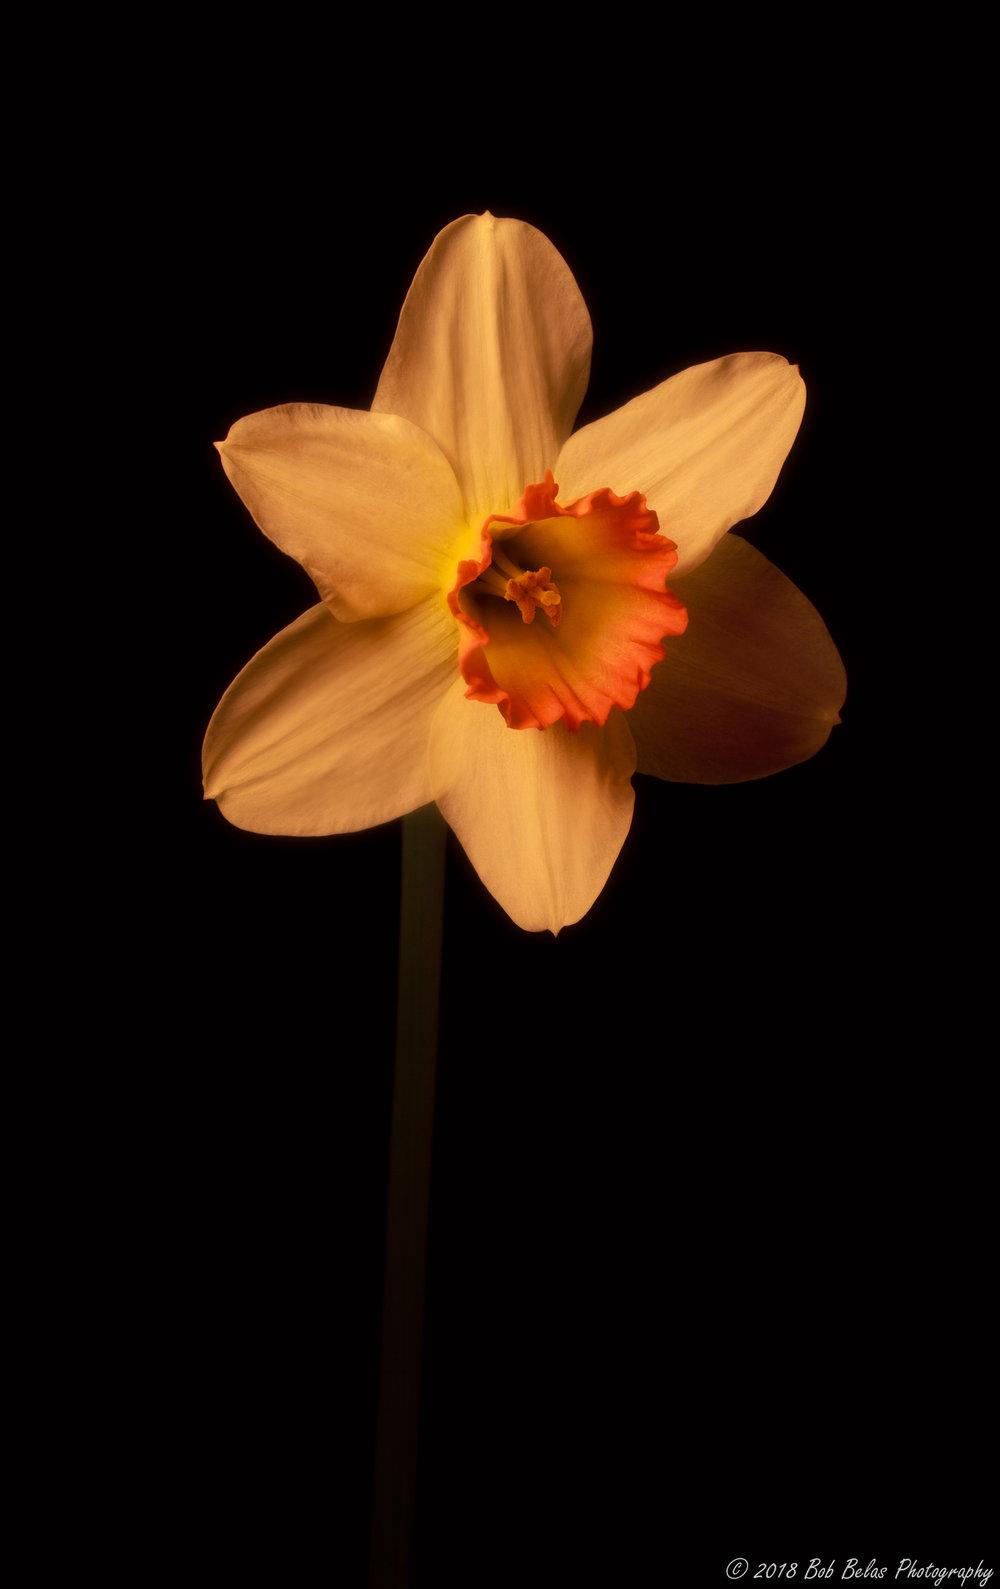 Spring's Warmth 4, color